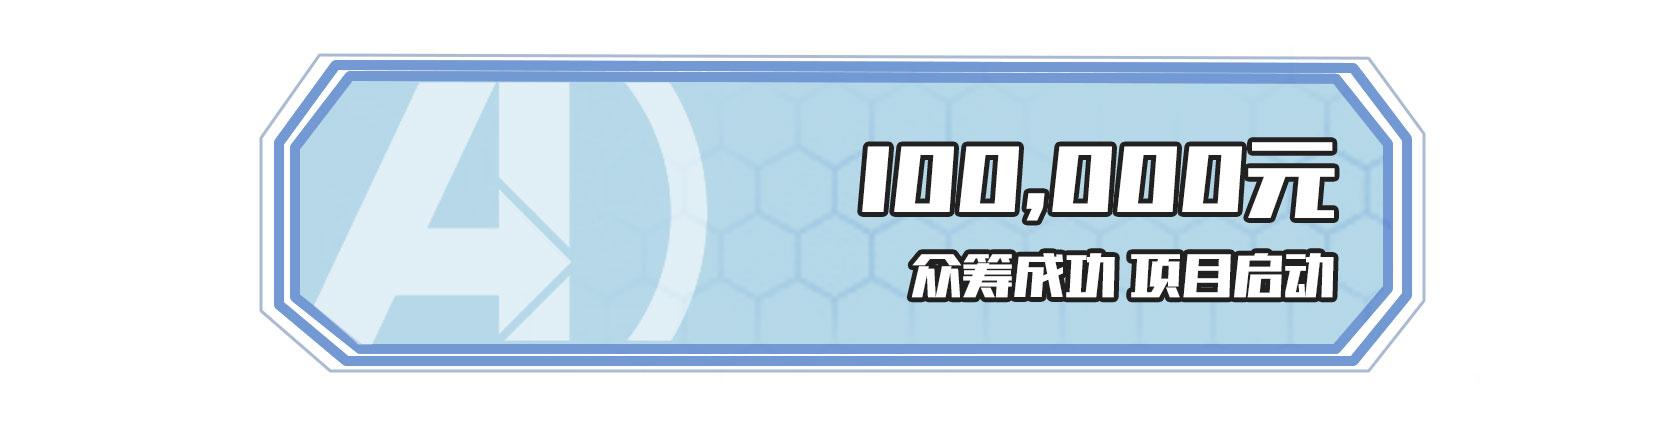 10万成功解锁.jpg